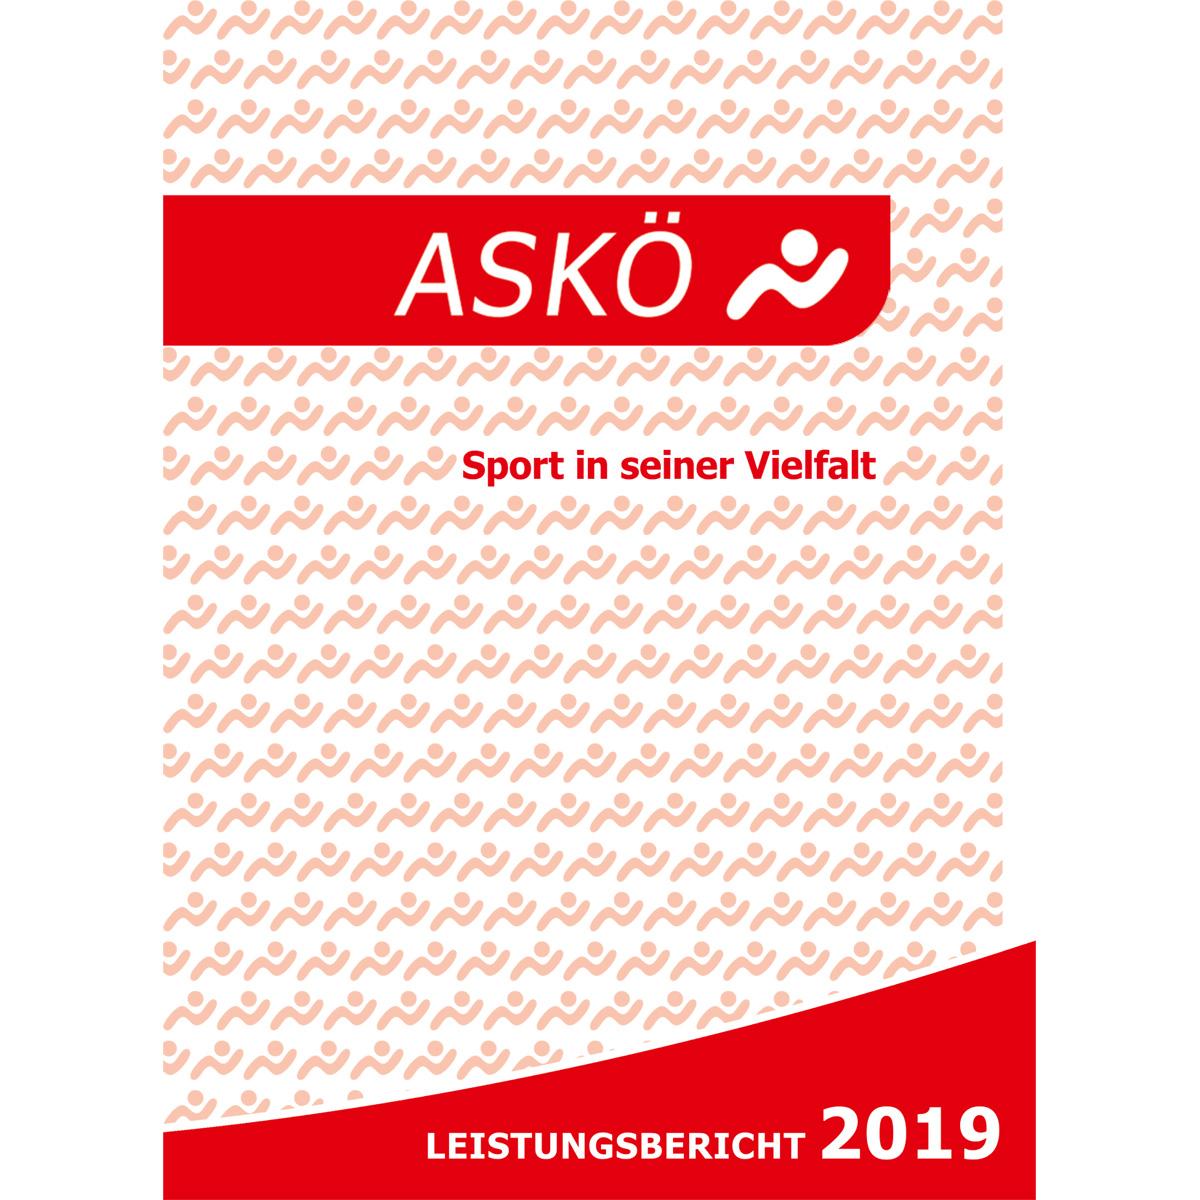 Leistungsbericht 2019